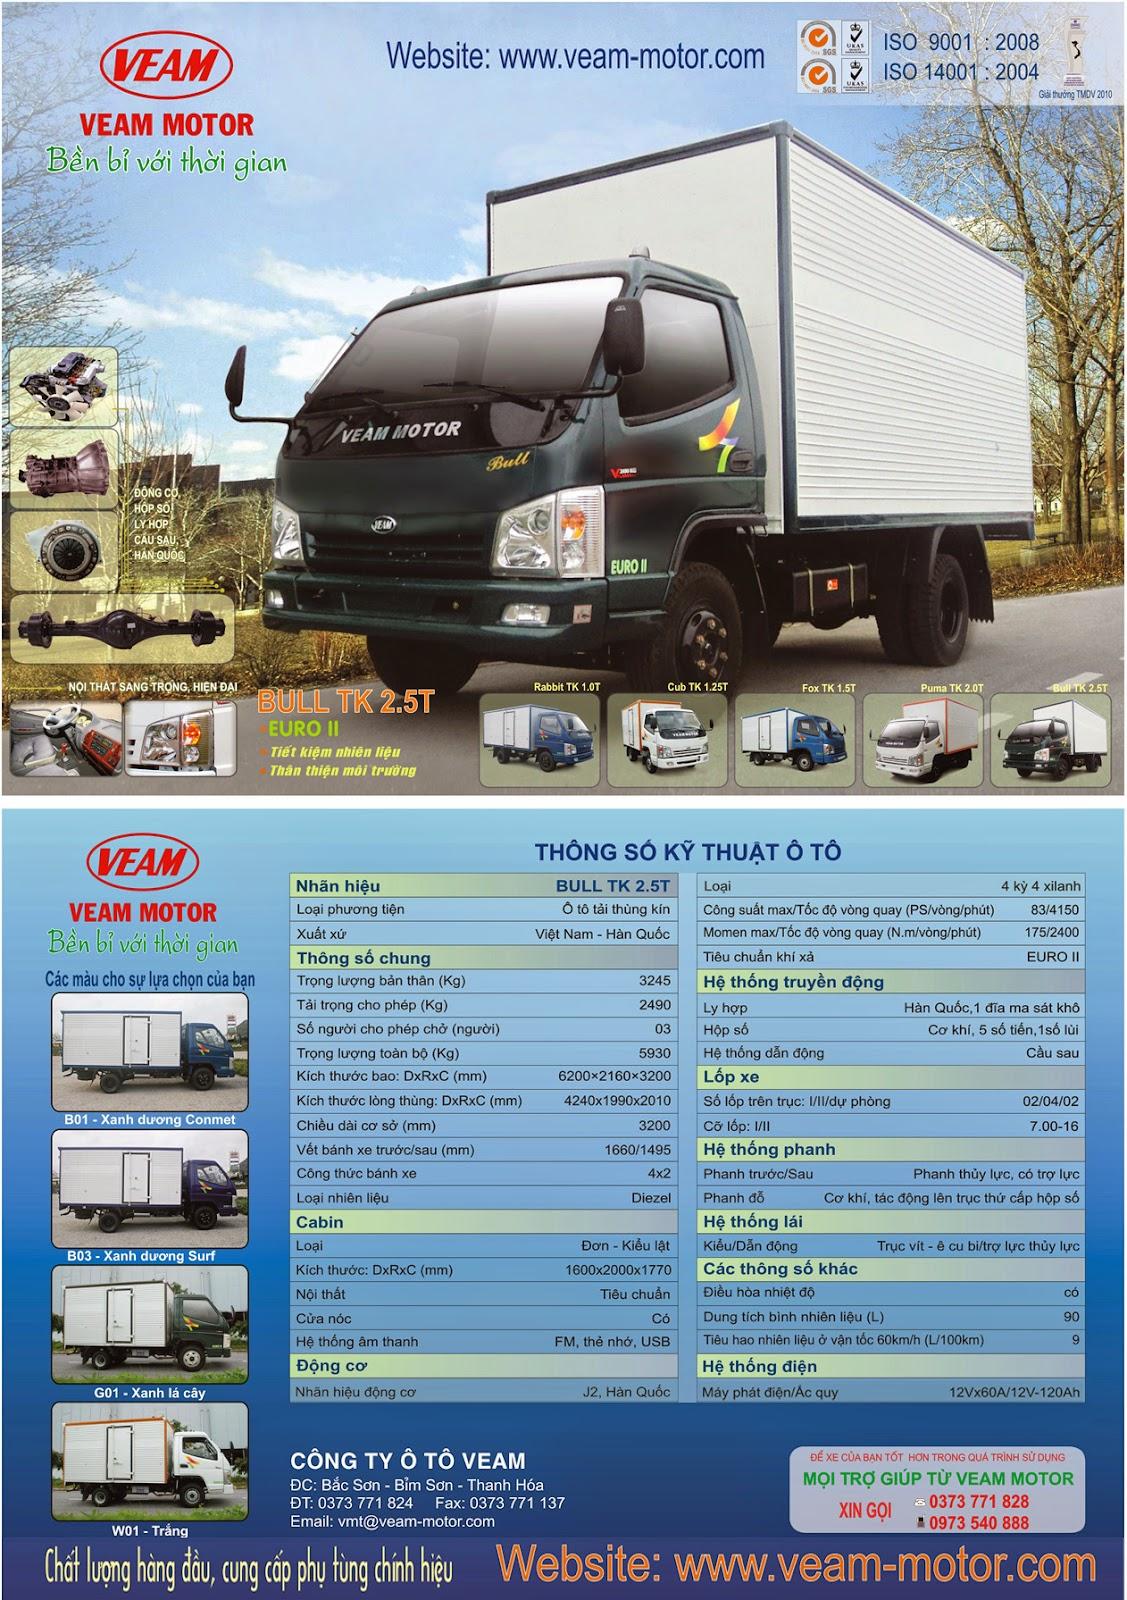 xe tải Veam 2 tấn 5 - BULL TK 2.5T